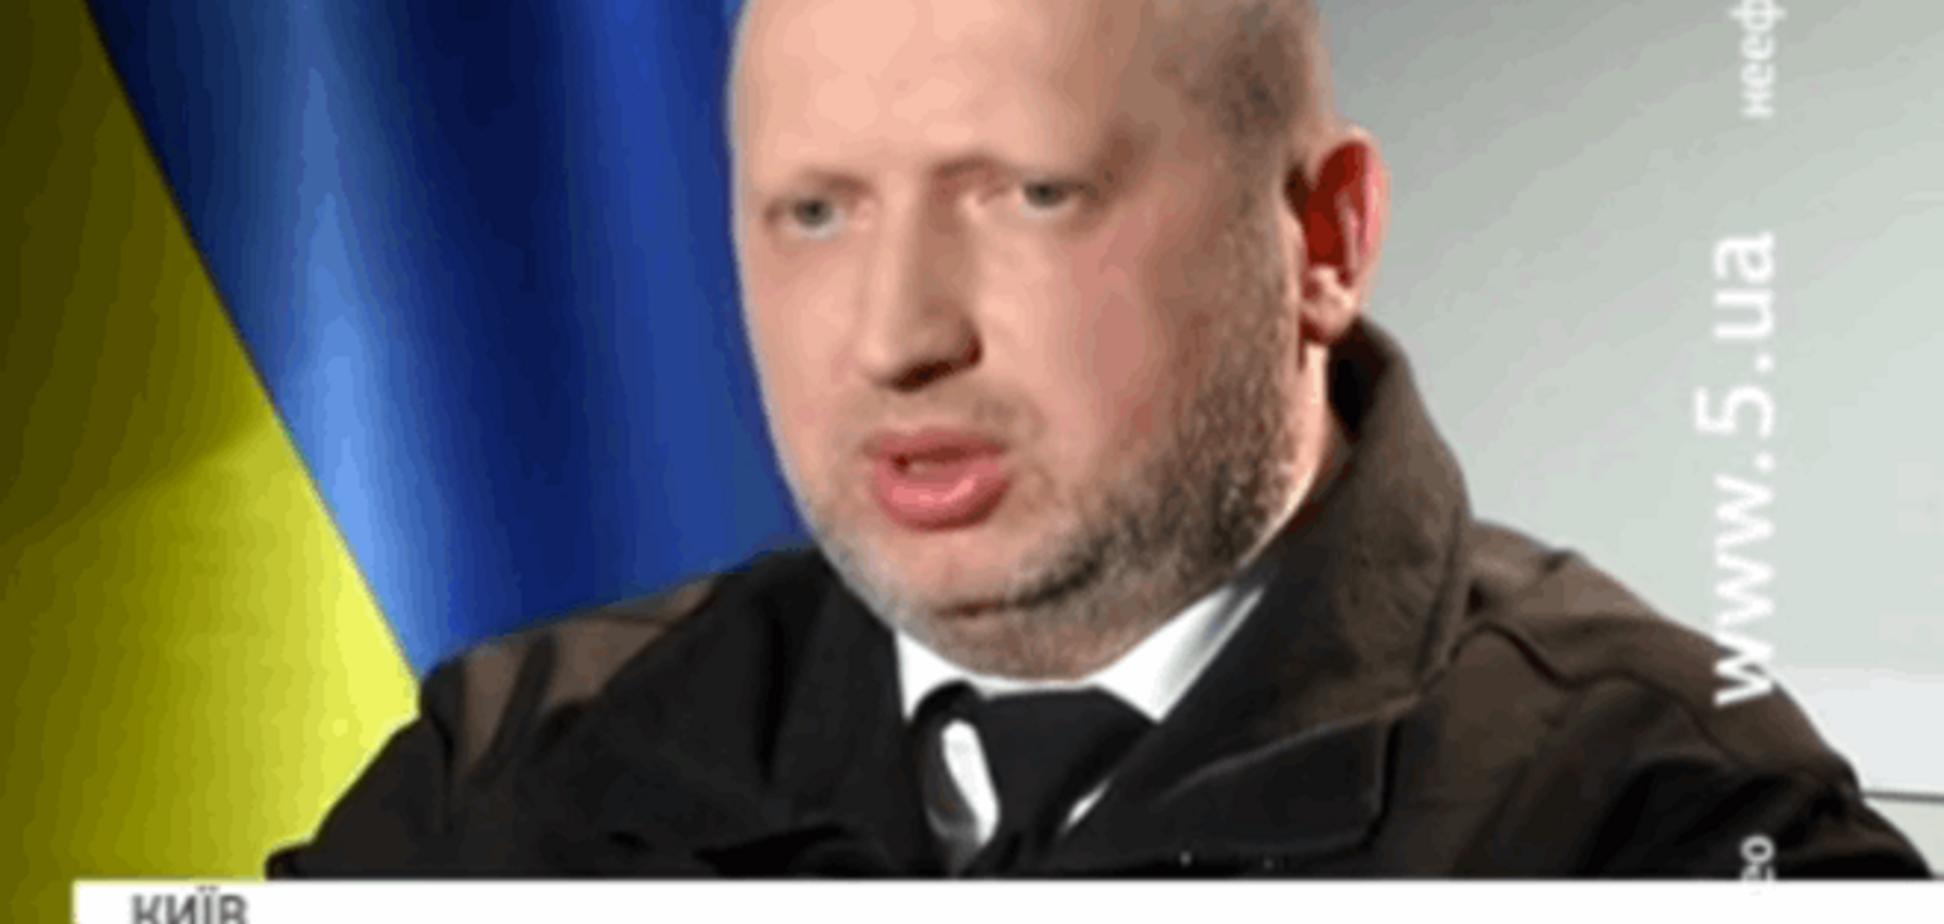 Спецслужбы РФ активизировались в преддверии майских праздников - Турчинов